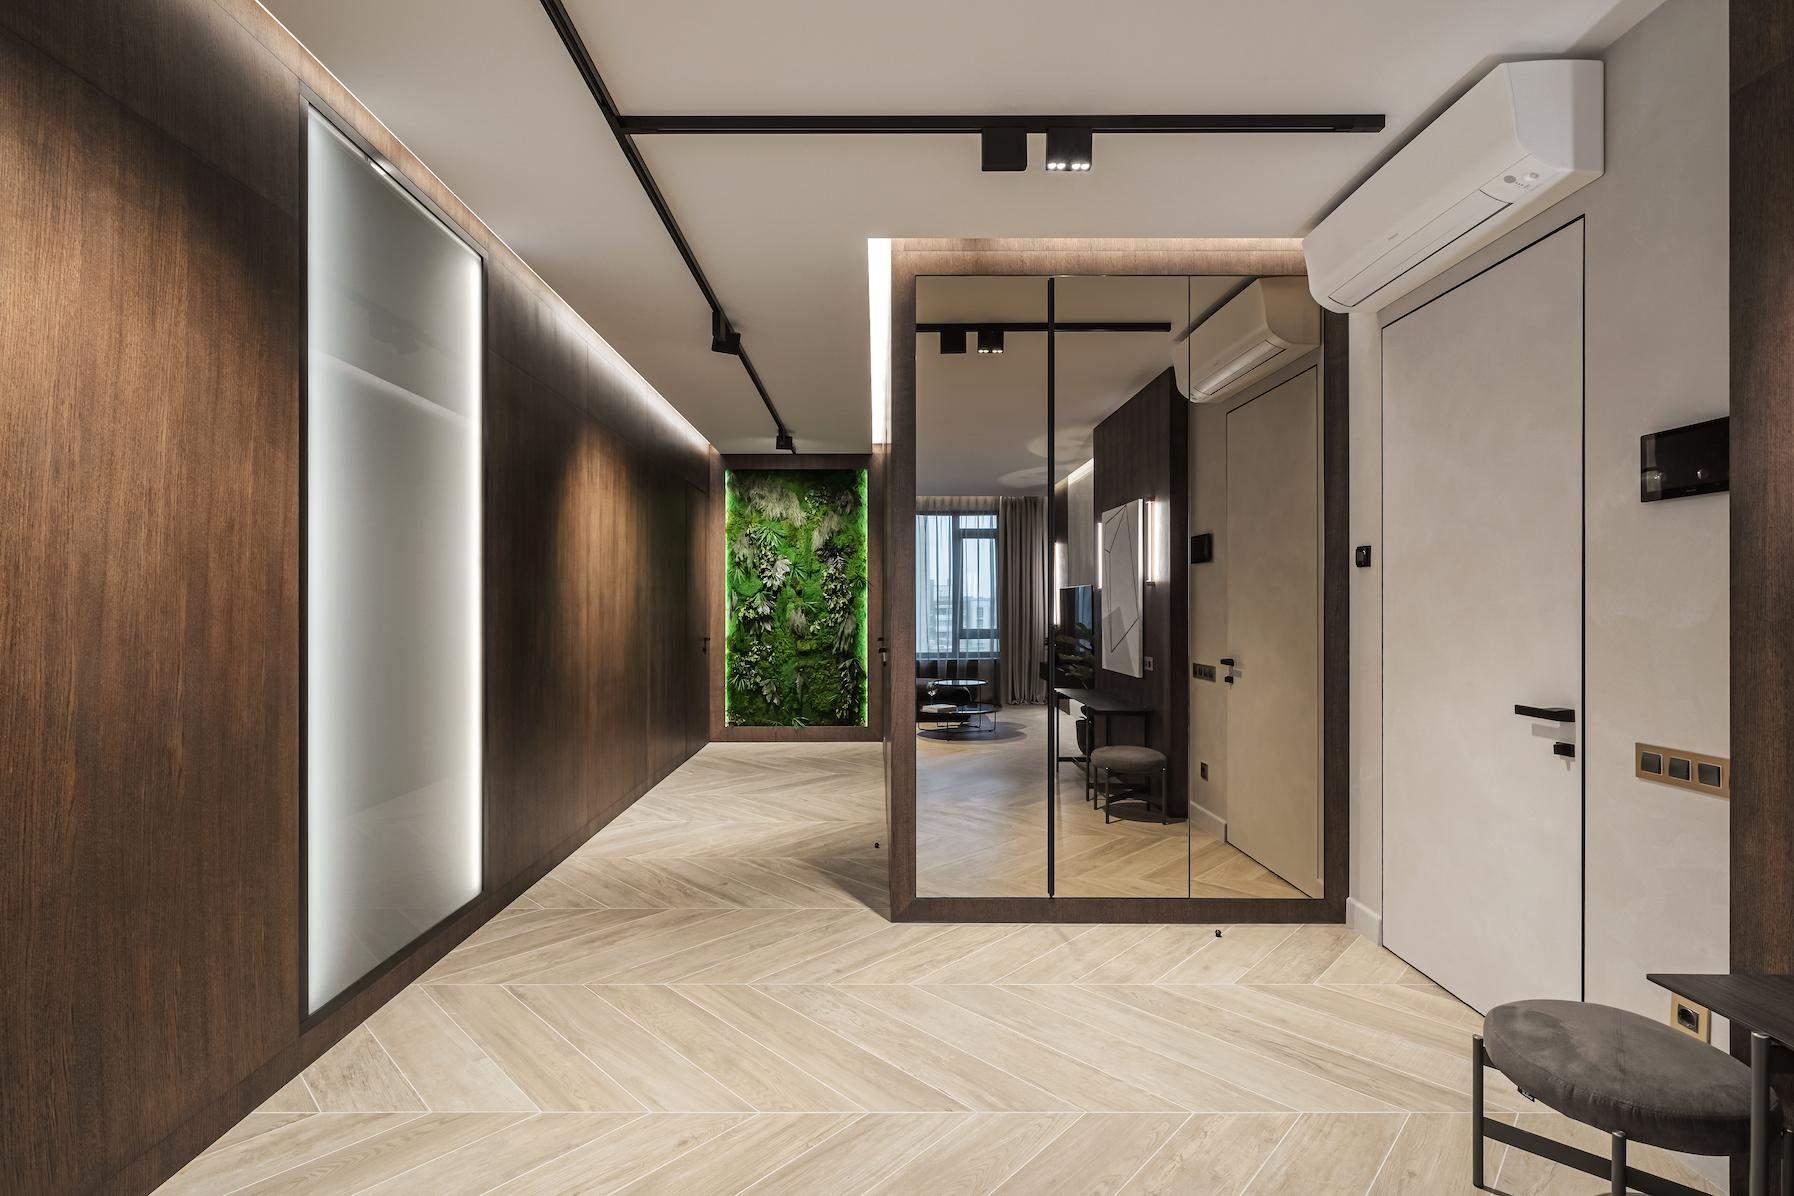 Завдяки продуманому плануванню коридор виглядає ширшим і просторішим